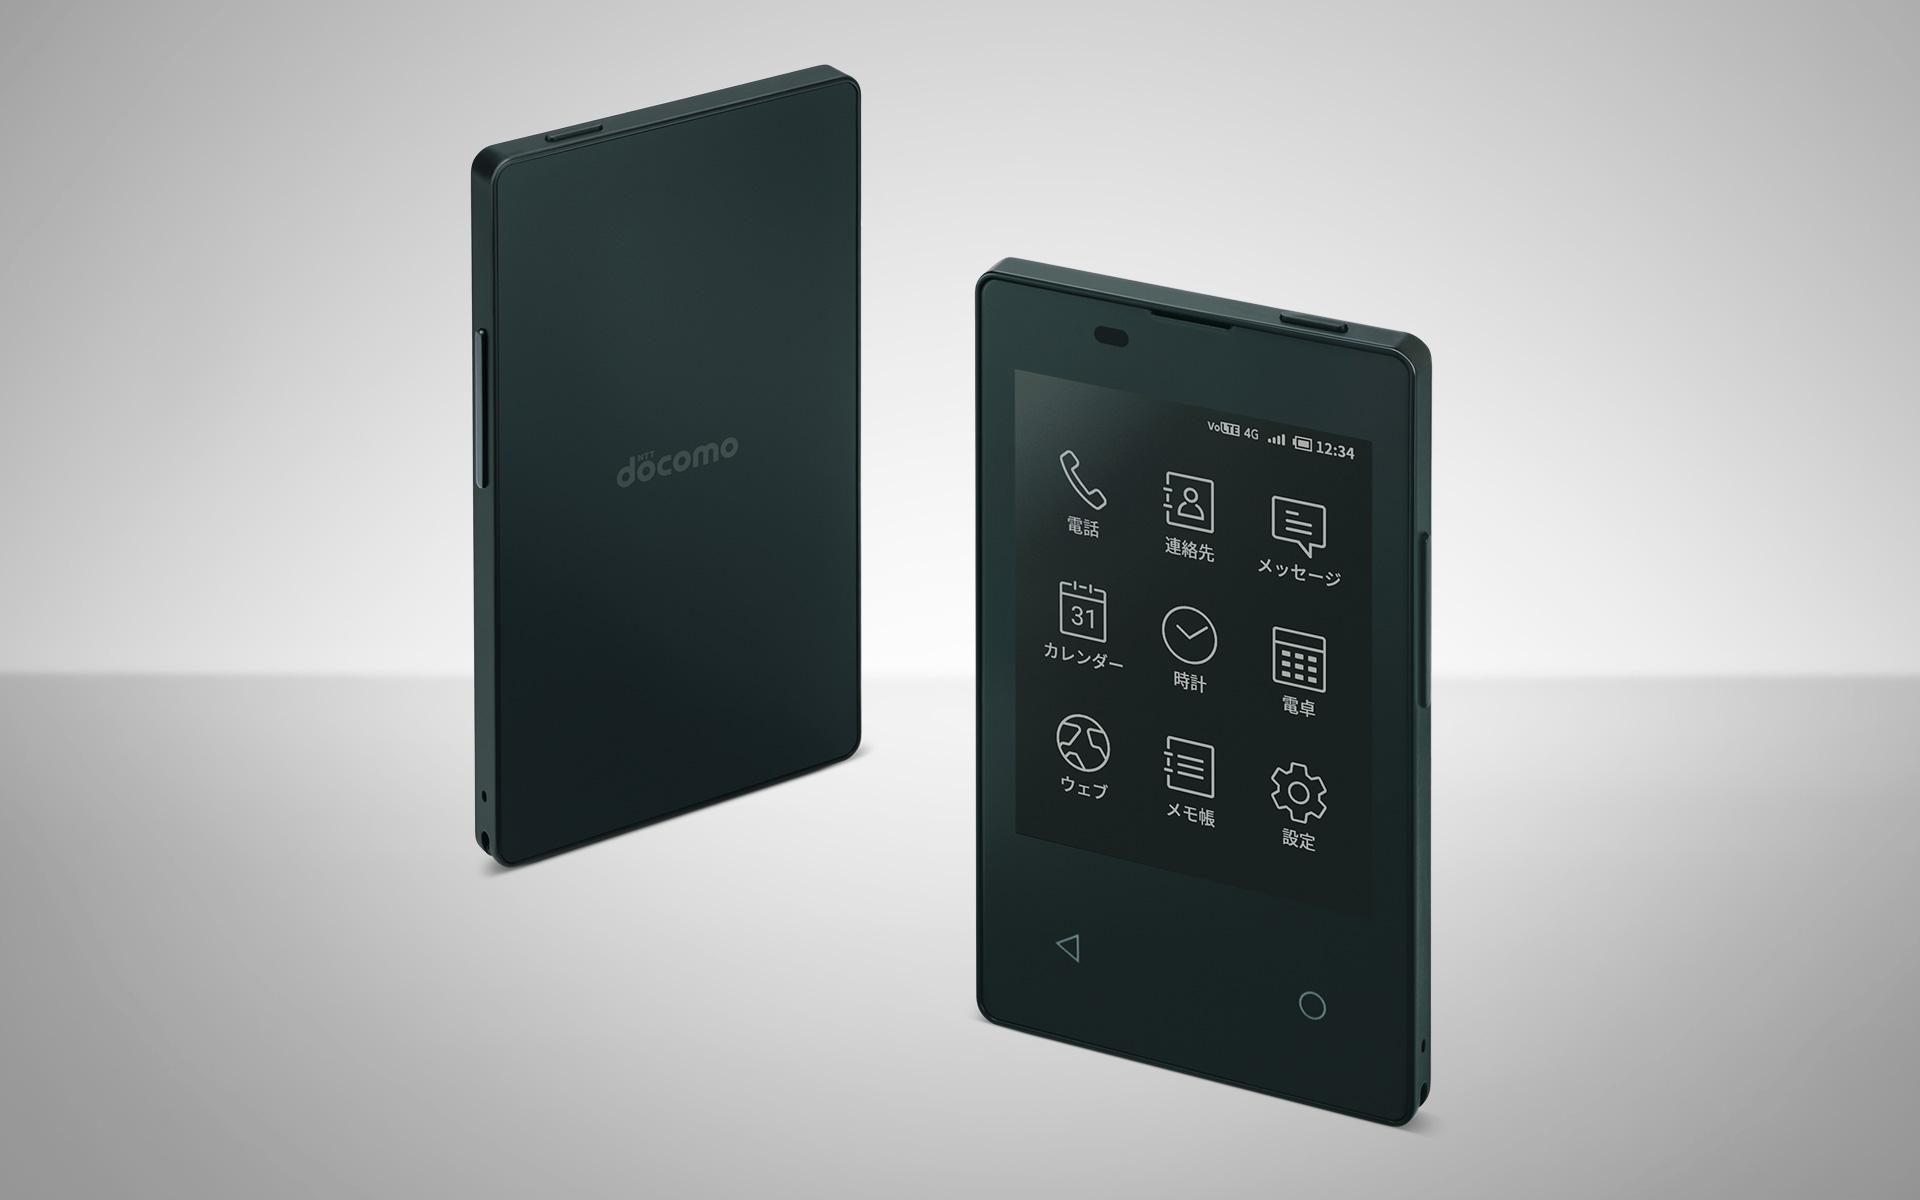 ドコモ、世界最薄最軽量のカード型ケータイ「KY-01L」を発表!